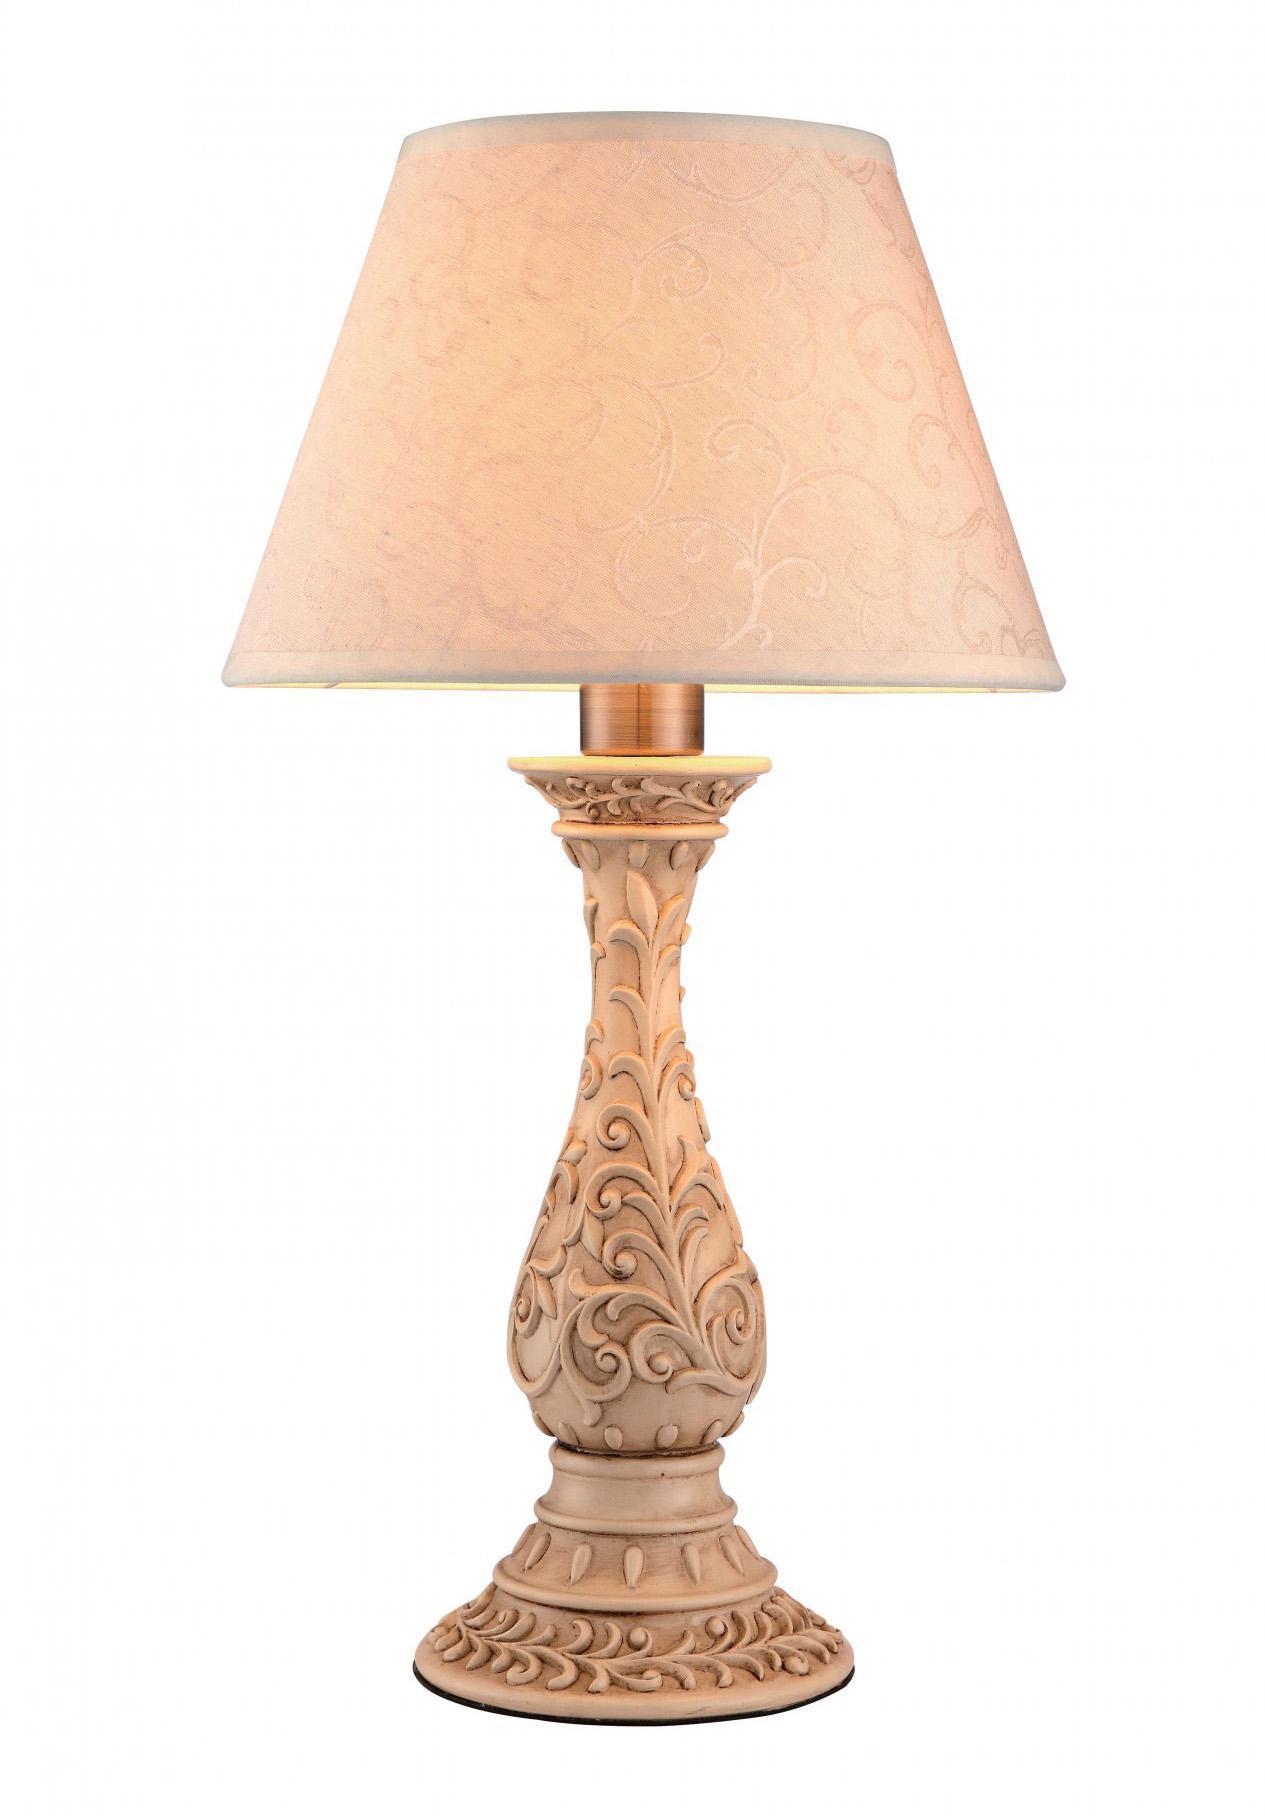 все цены на Лампа настольная Arte lamp A9070lt-1ab онлайн